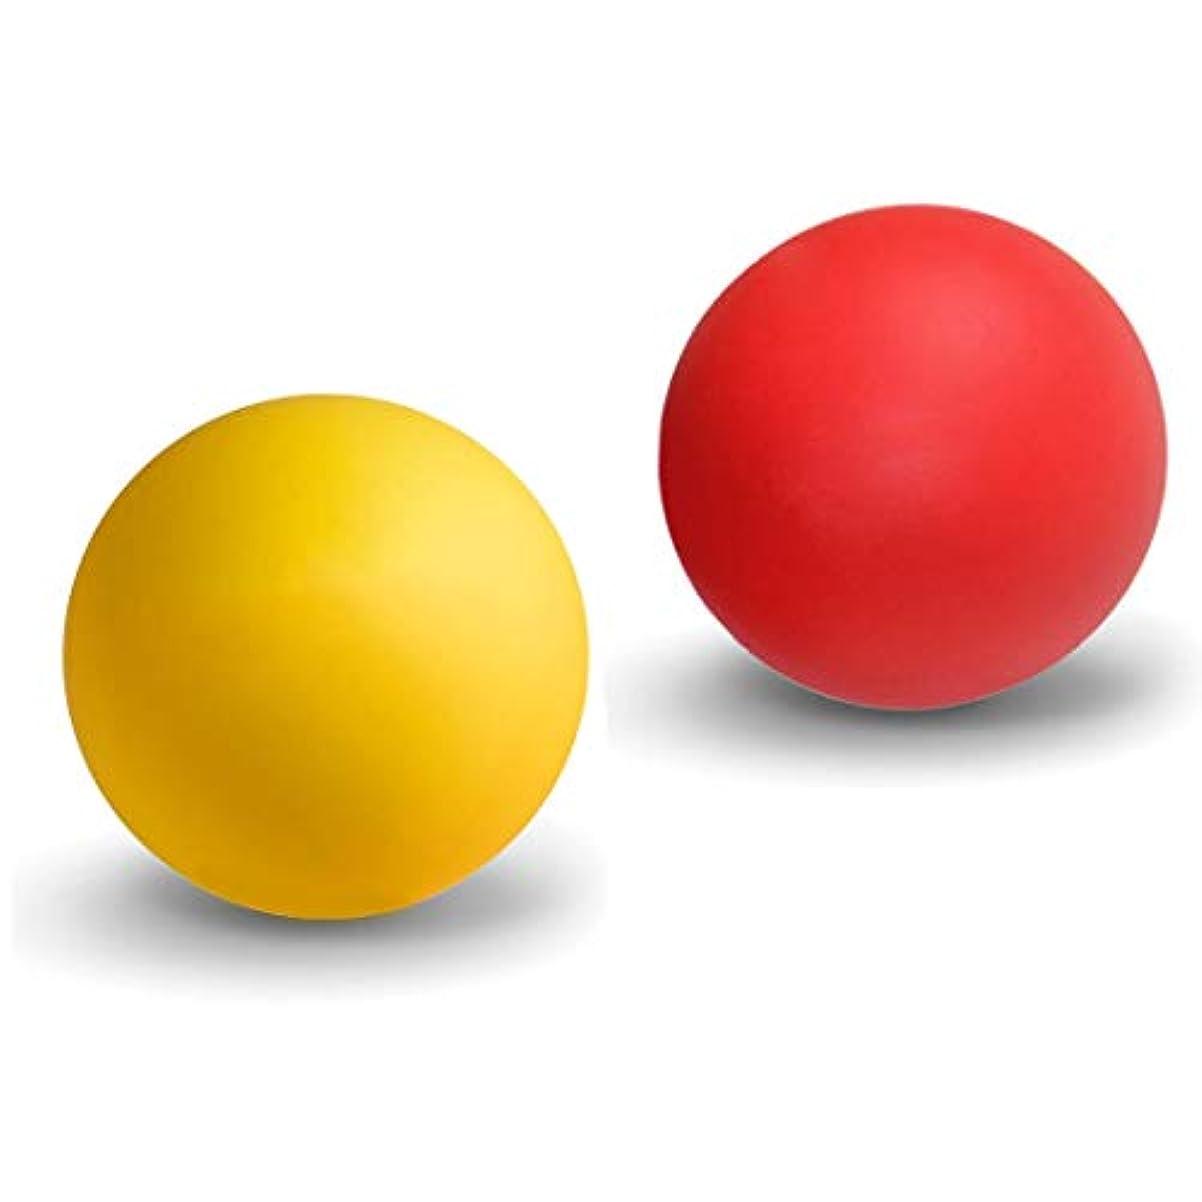 鮮やかな続編再発するマッサージボール ストレッチボール トリガーポイント ラクロスボール 筋膜リリース トレーニング 指圧ボールマッスルマッサージボール 背中 肩こり 腰 ふくらはぎ 足裏 ツボ押しグッズ 2で1組み合わせ 2個 セット